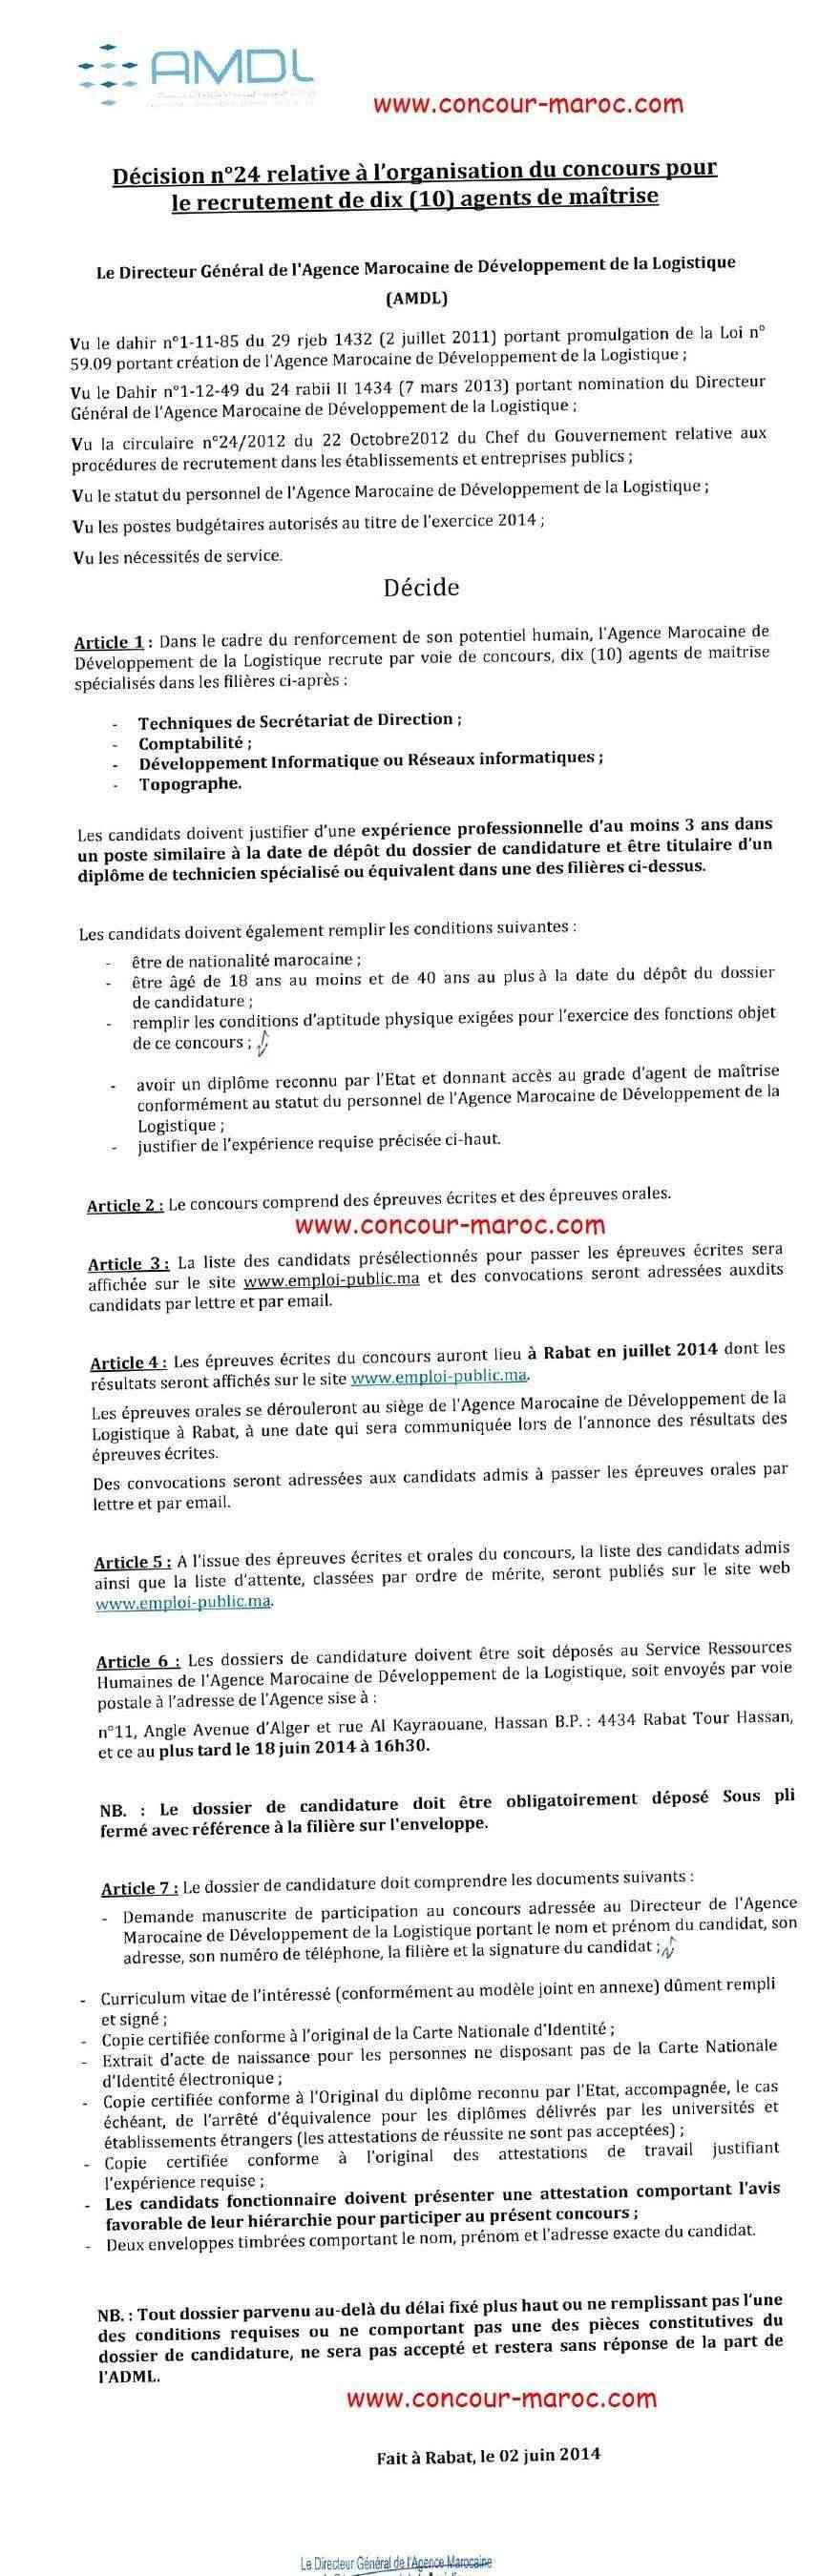 الوكالة المغربية لتنمية الأنشطة اللوجستيكية : مباراة لتوظيف عون تمكين (10 مناصب) و عون تنفيذ (6 مناصب) آخر أجل لإيداع الترشيحات 18 يونيو 2014 Concou62